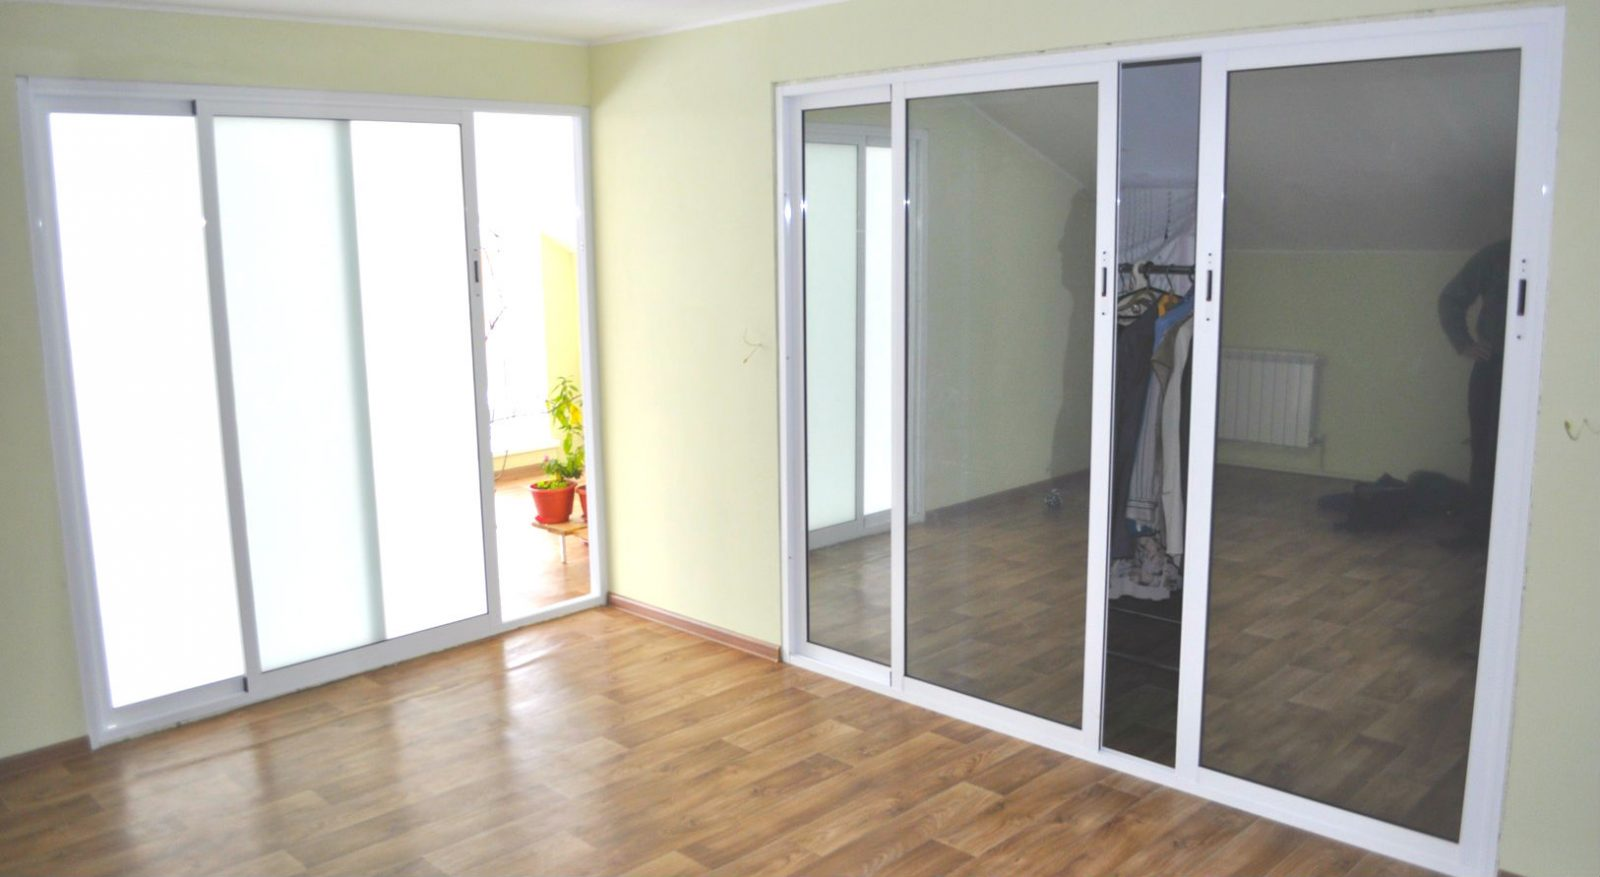 razdvizhnie-aluminievie-dveri.jpg